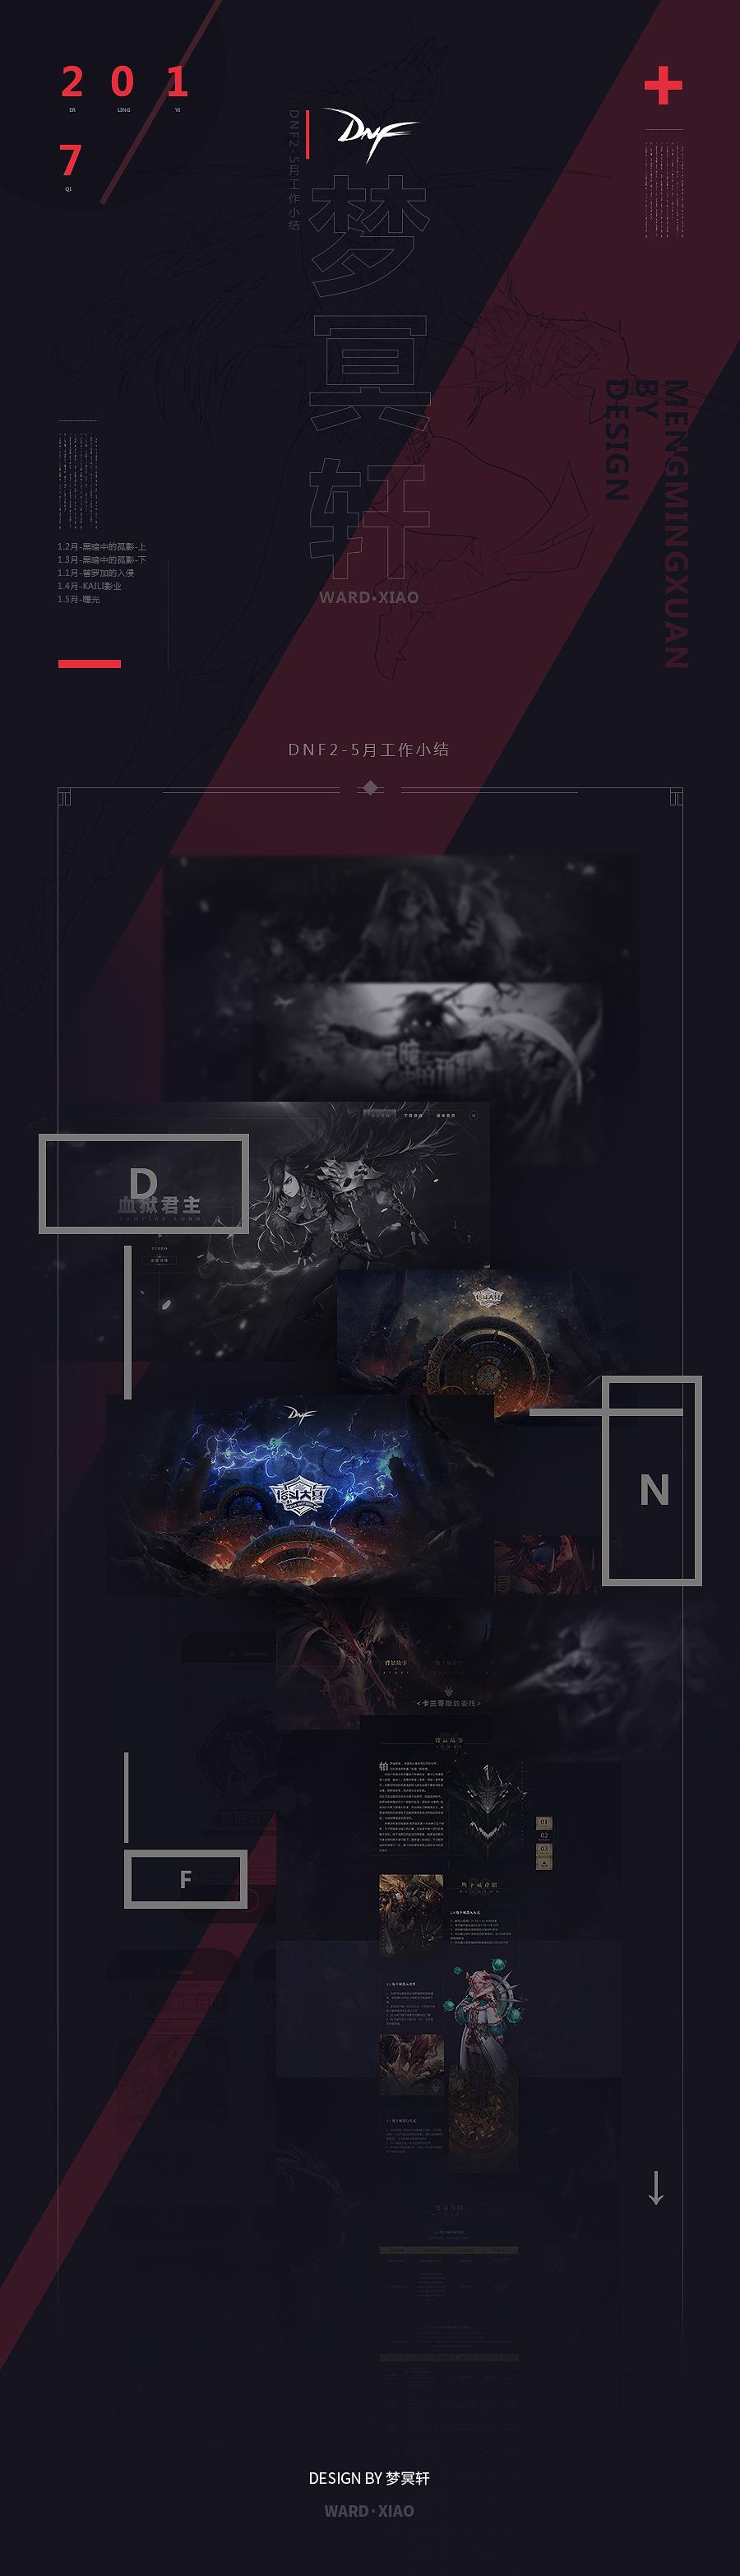 dnf小集|网页|游戏/娱乐|梦冥轩 - 原创作品 - 站酷图片